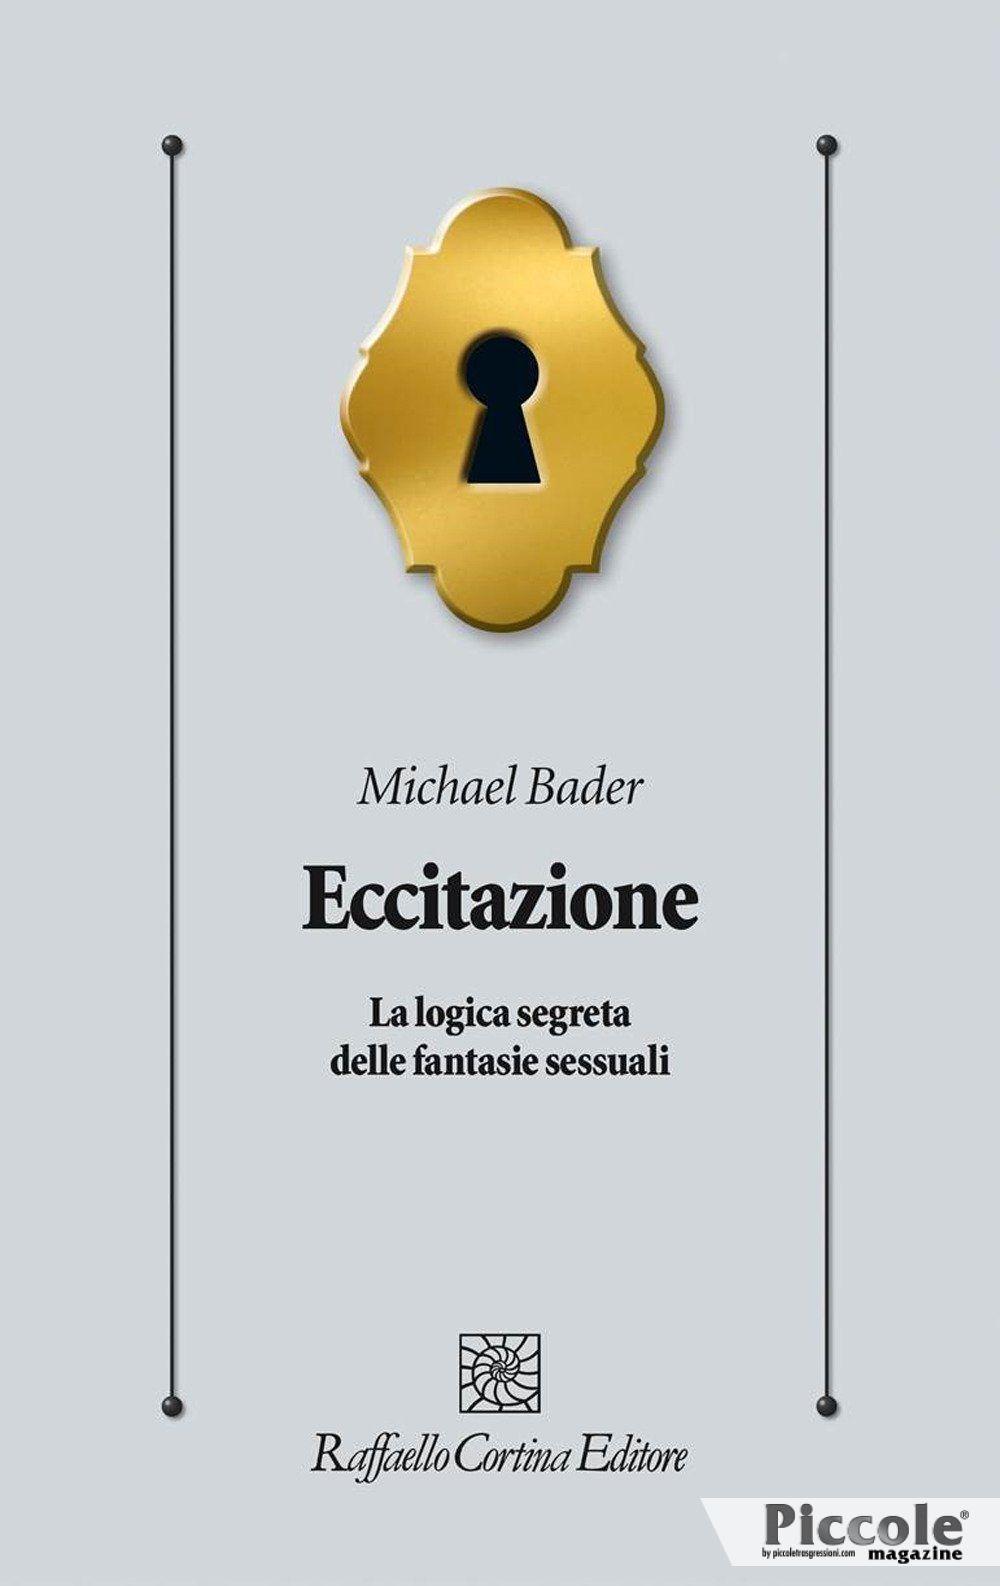 Eccitazione La logica segreta delle fantasie sessuali di Michael Bader